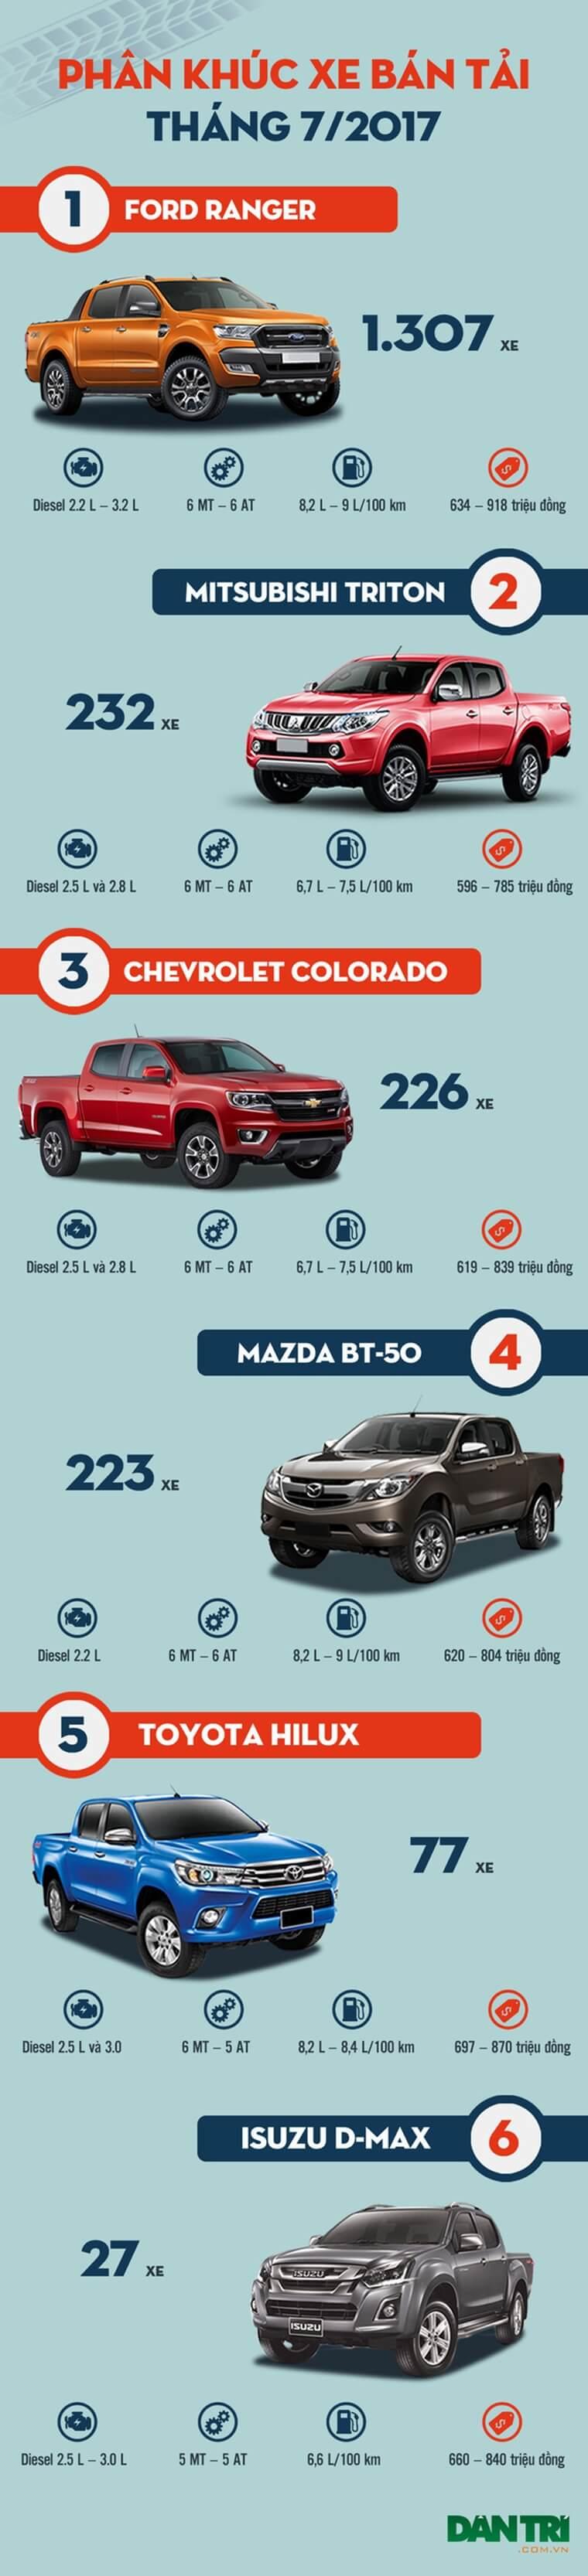 Top xe bán tải bán chạy nhất tại Việt Nam tháng 7/2017